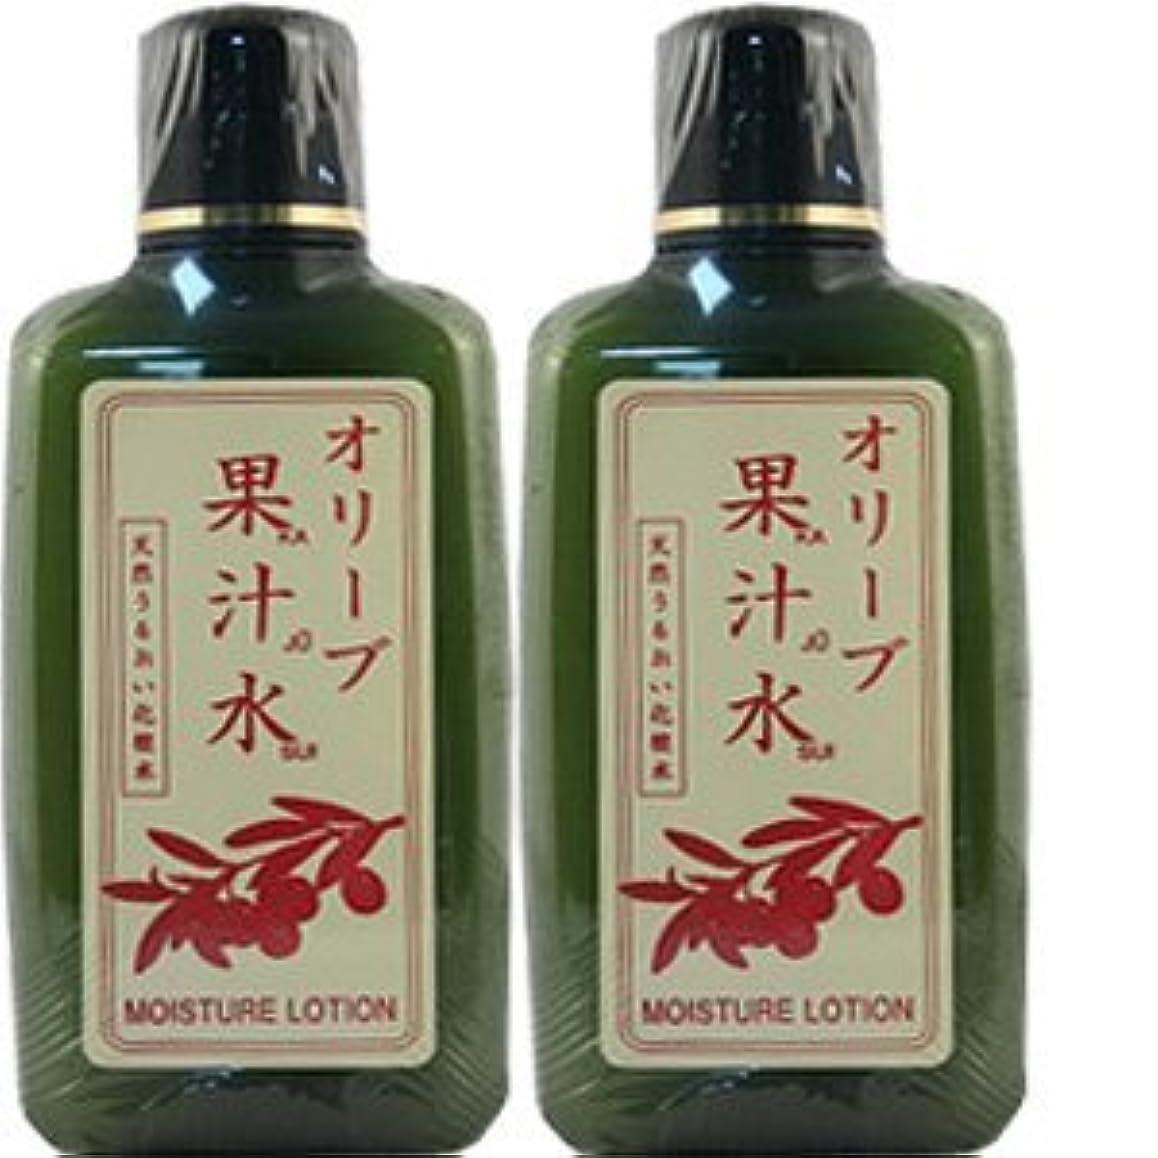 贅沢広がり欺【2本】 オリーブマノン オリーブ果汁水 180mlx2個(4965363003982)